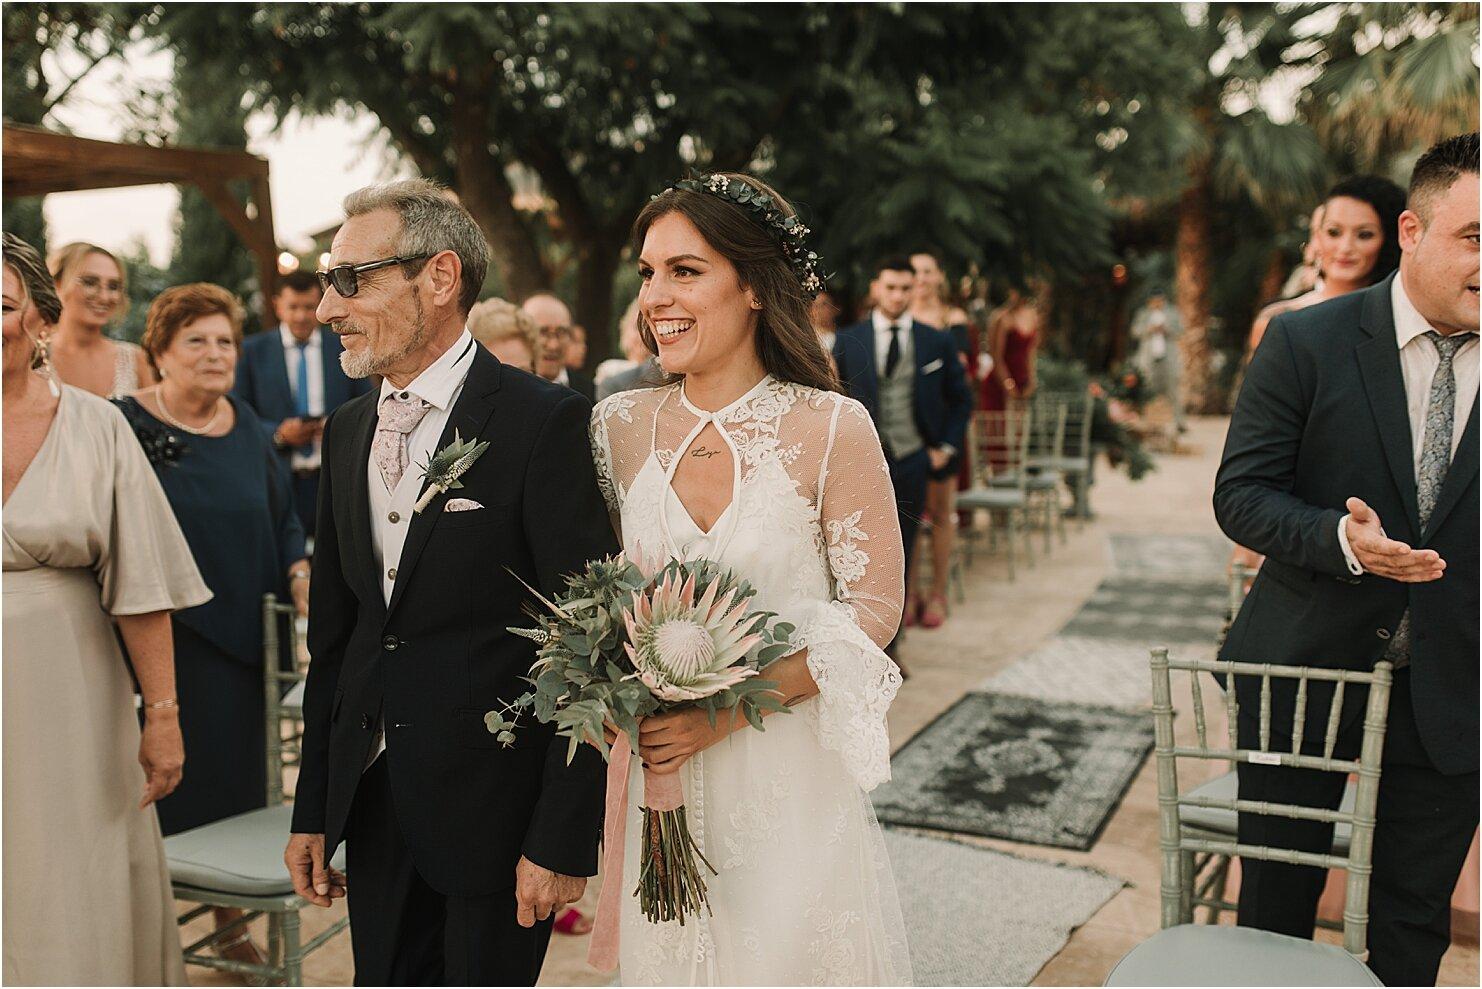 boda-romantica-boda-boho-vestido-de-novia-laura-lomas17.jpg